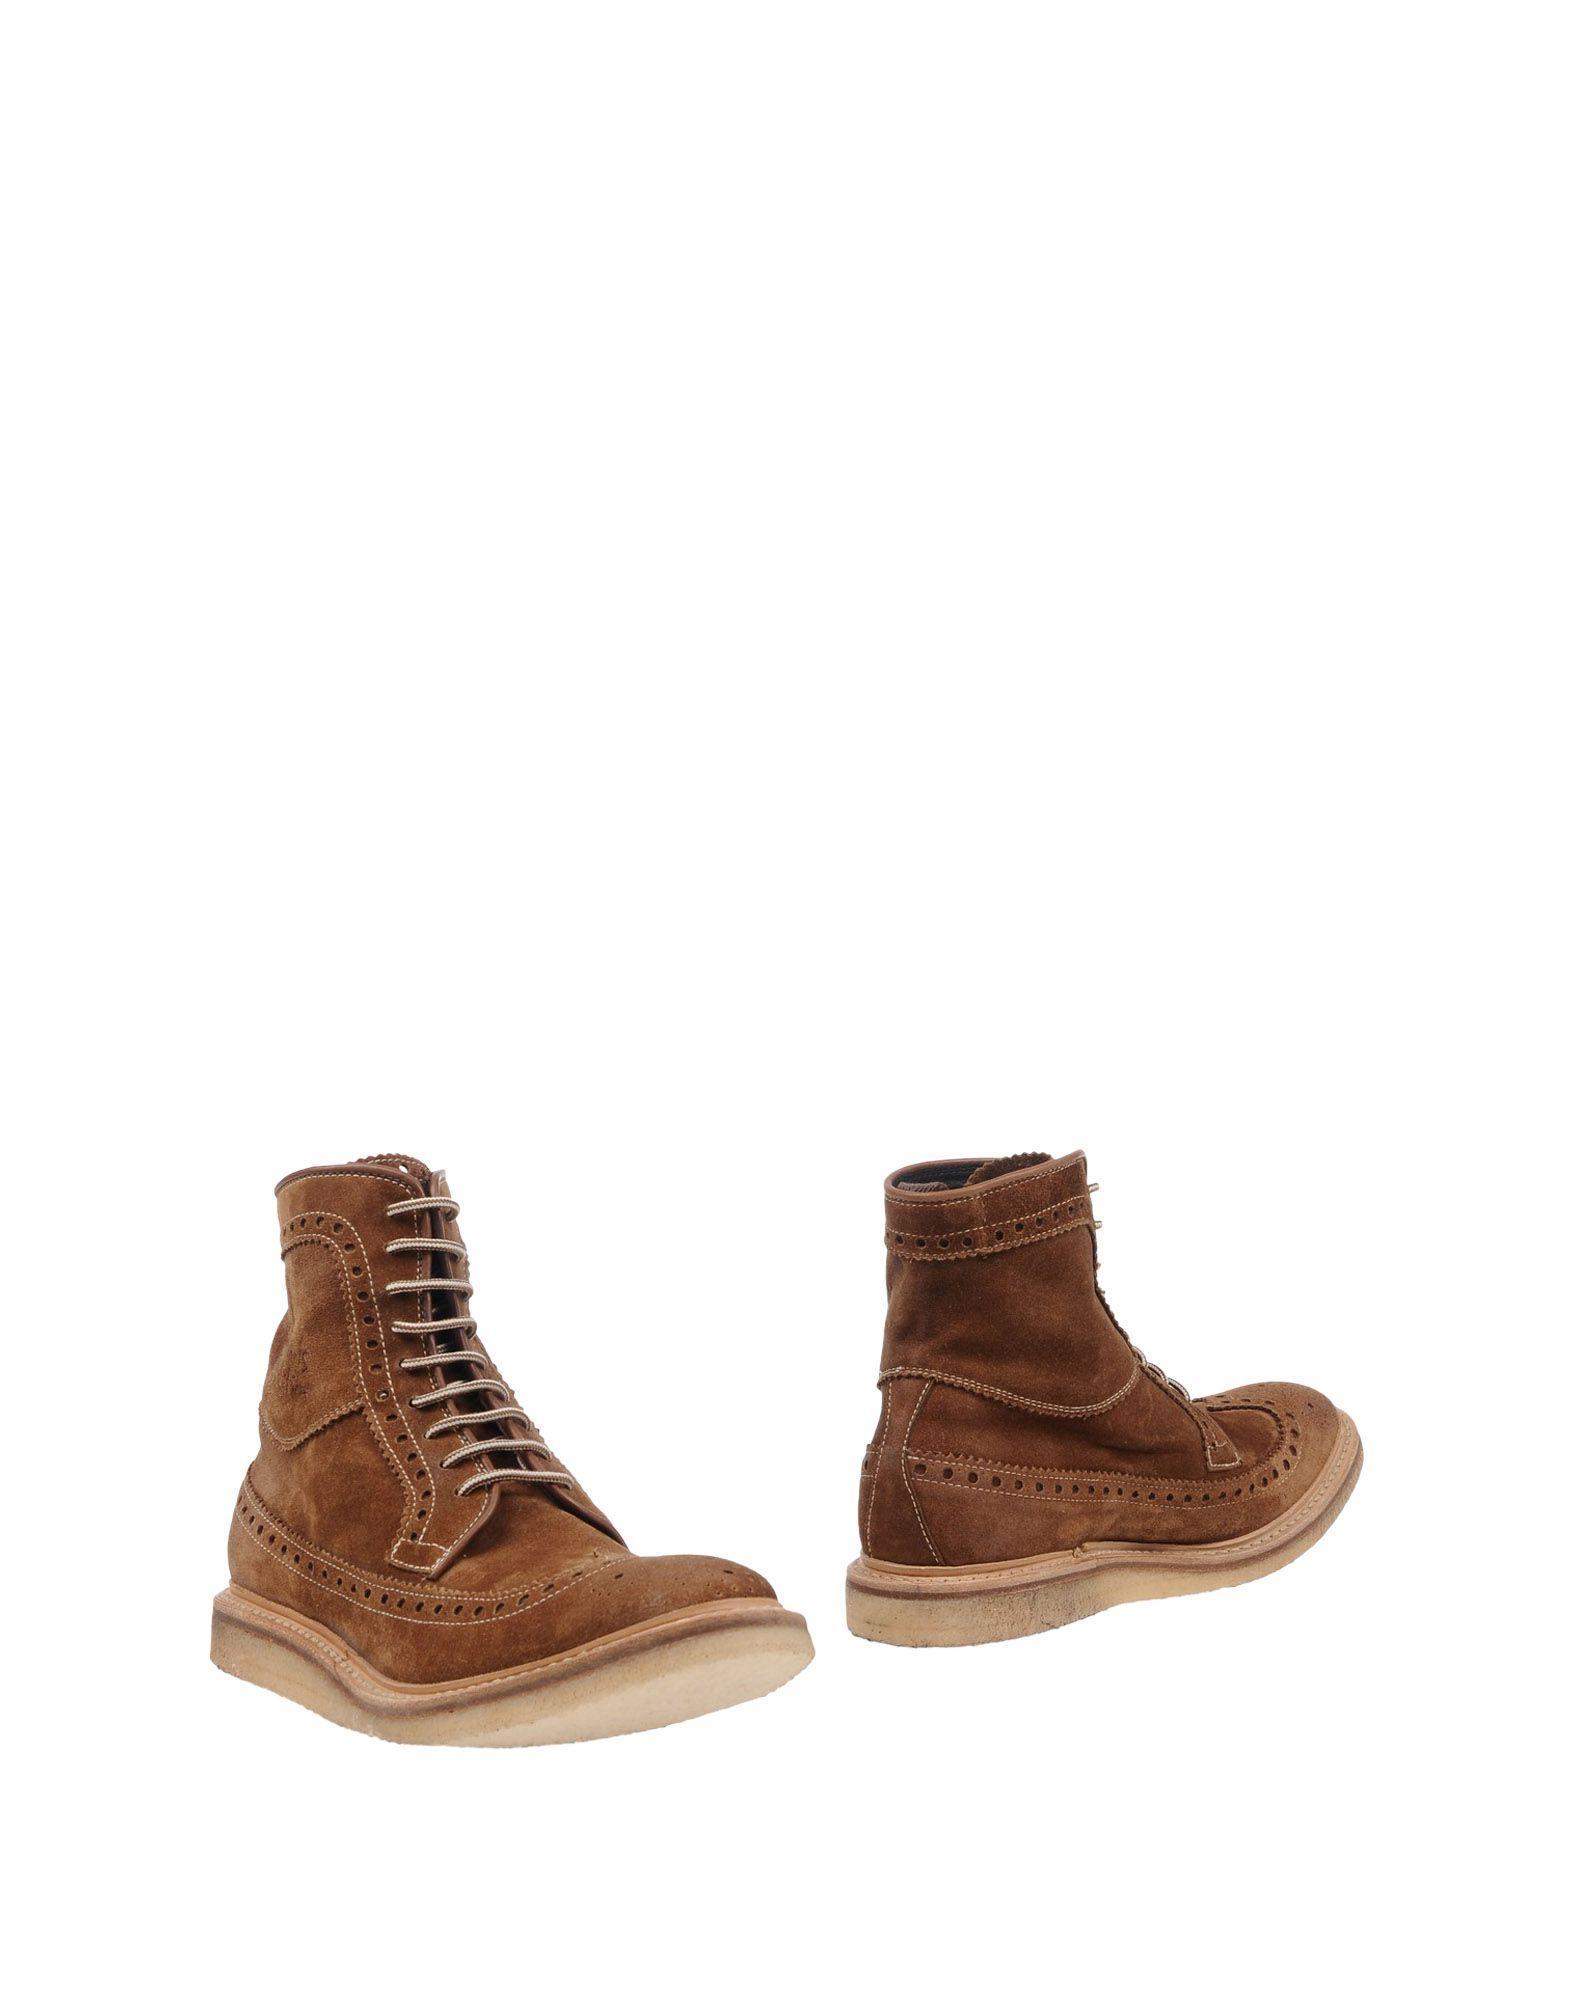 Preventi Boots In Brown